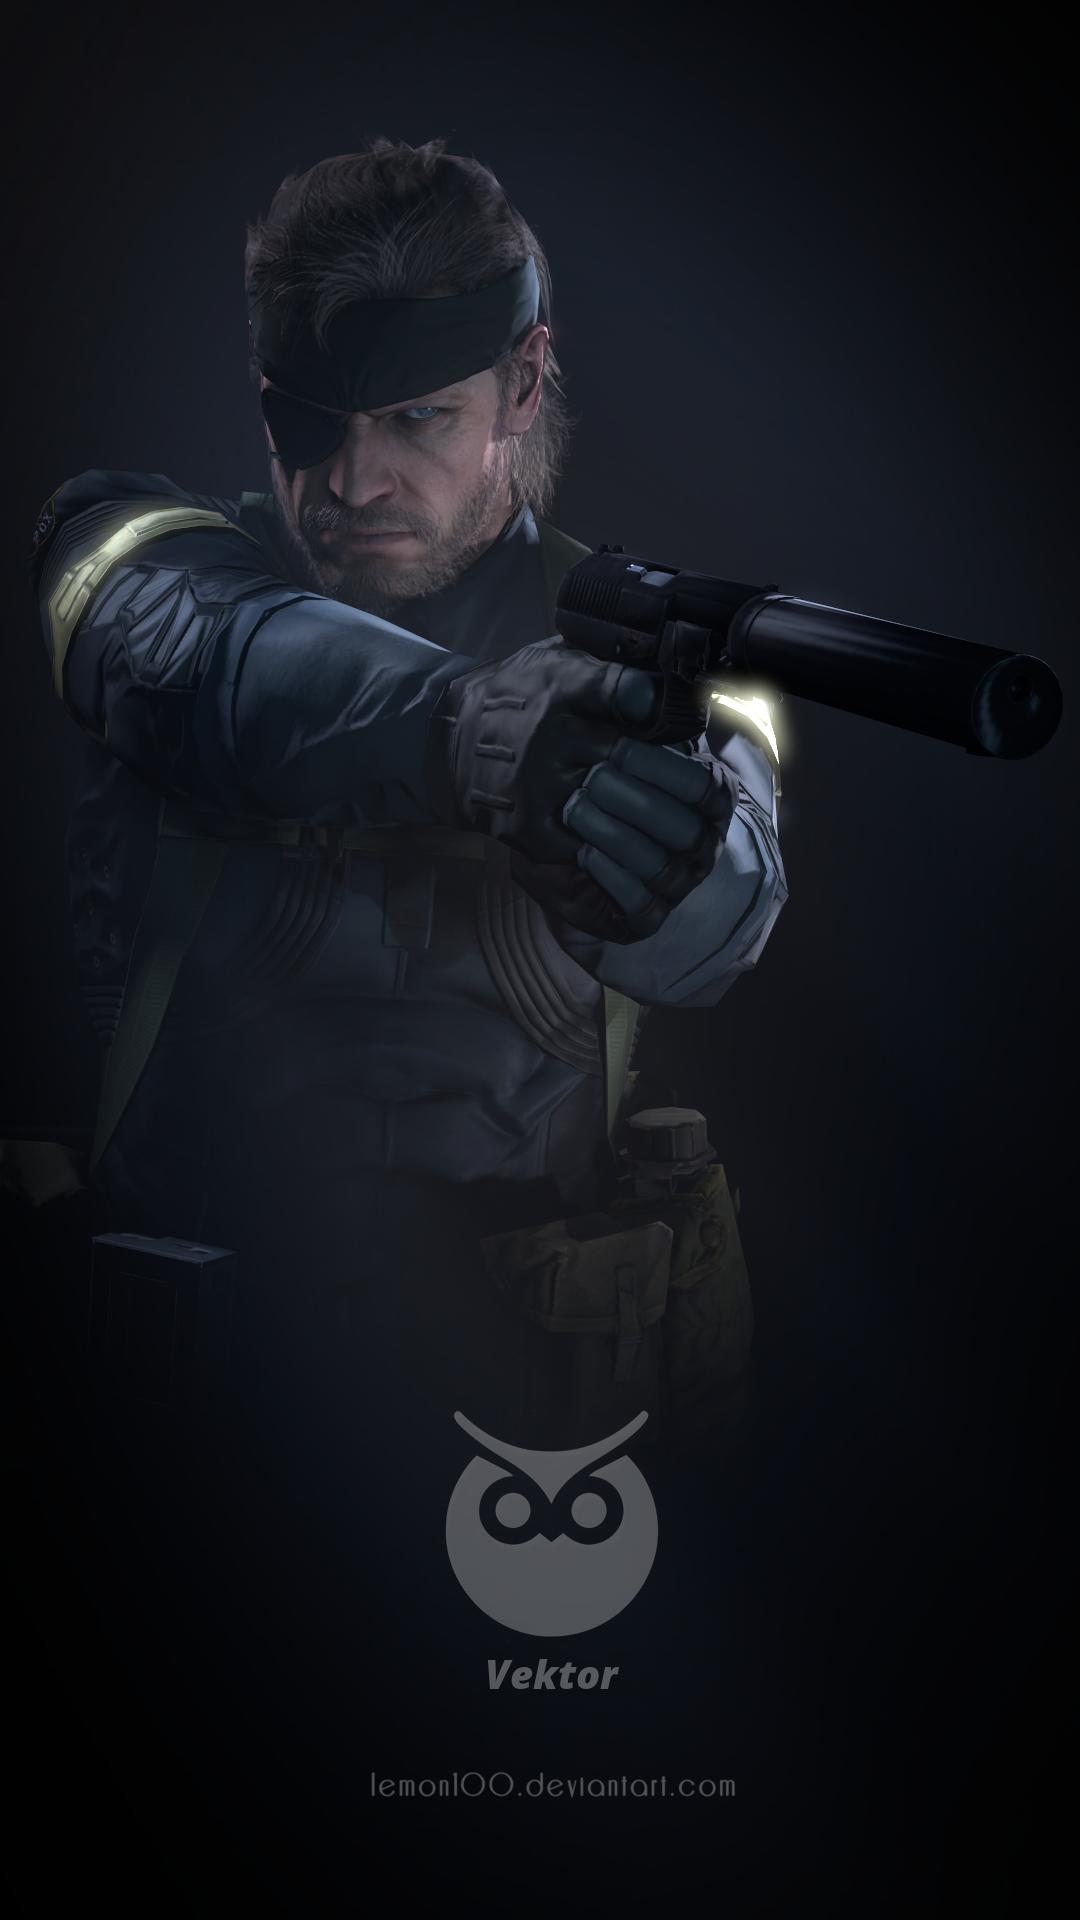 Vektor X Big Boss Metal Gear Solid 5 Sfm By Lemonysenpai